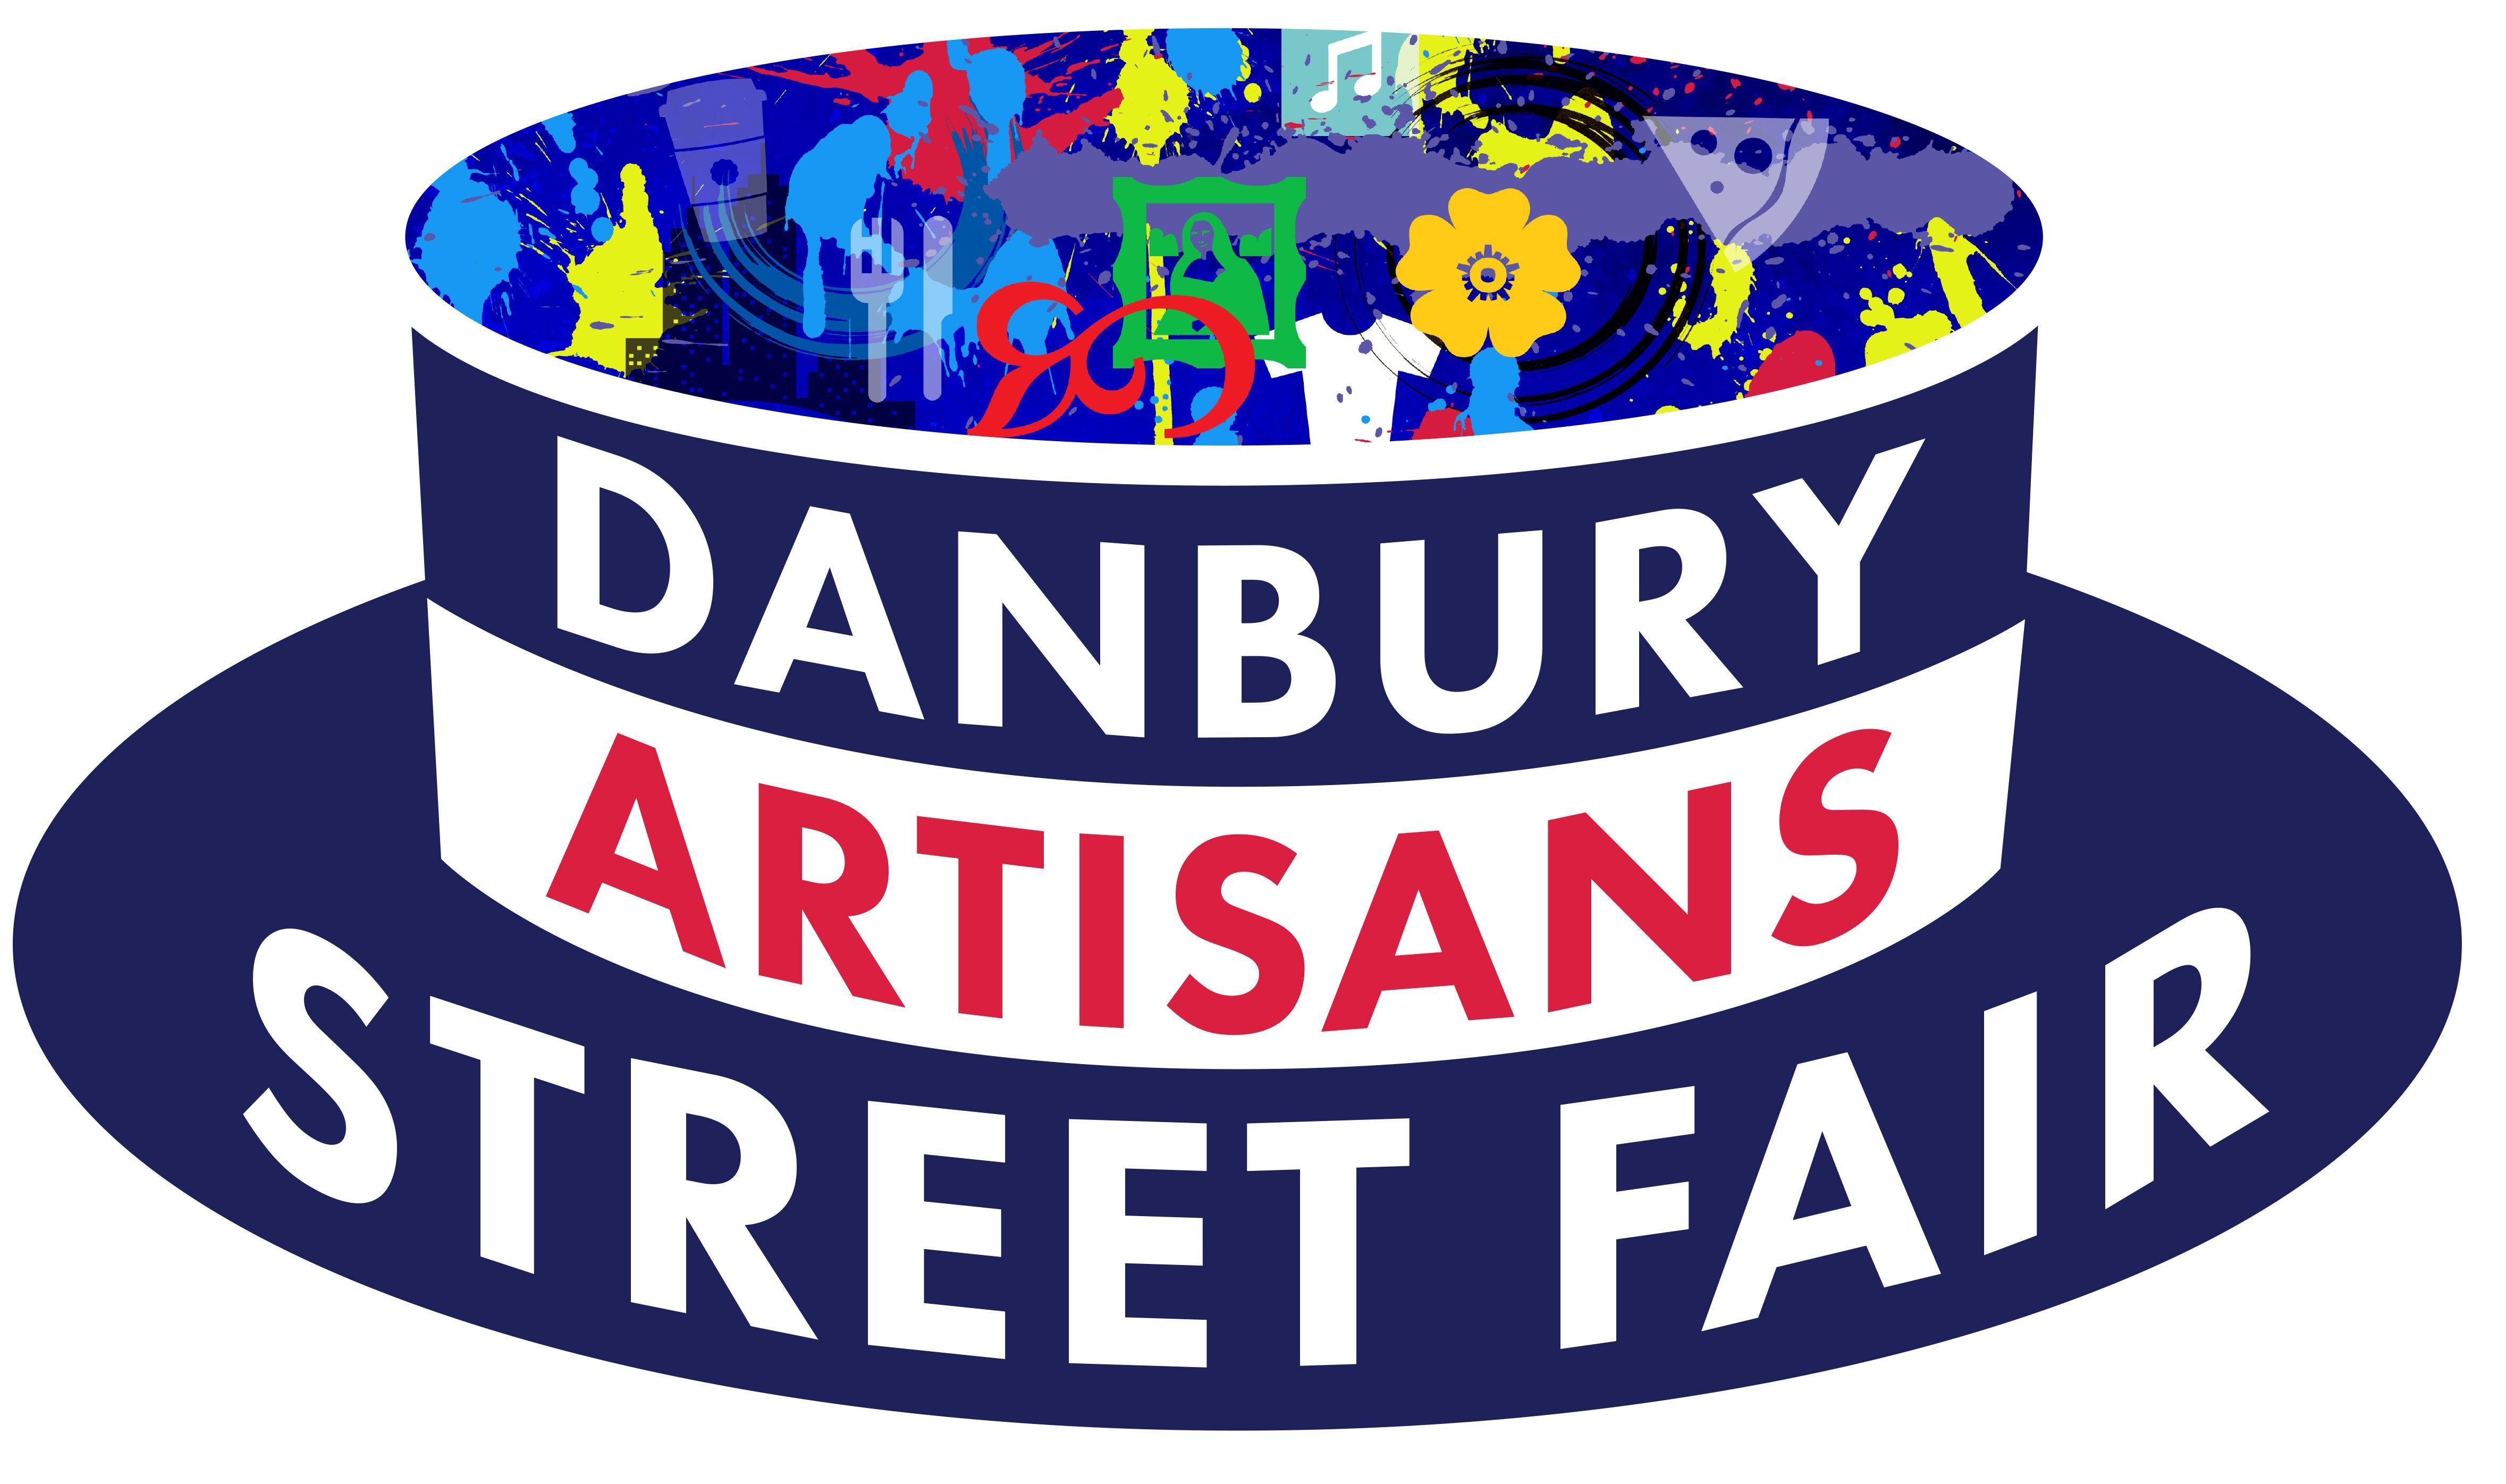 Danbury Artisans Street Fair Sept 23